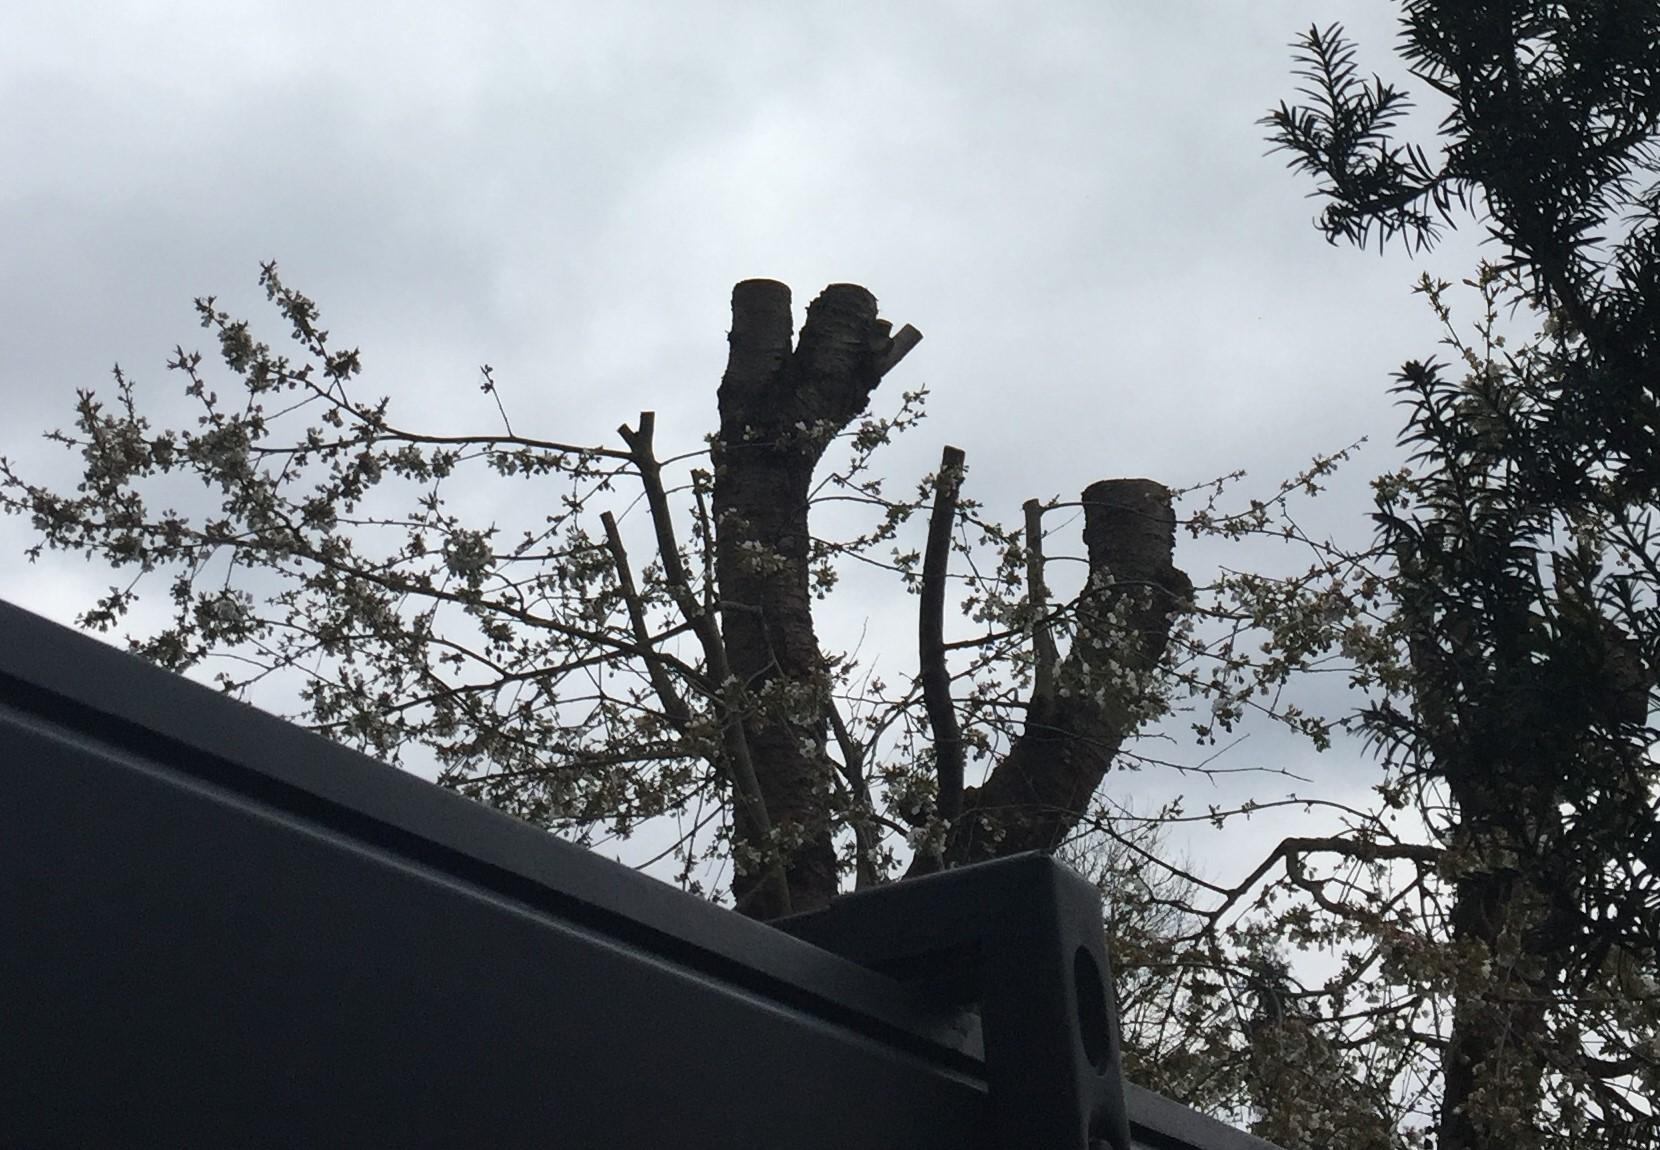 geköpfter Baum bei Nachbarn, keiner bleibt verschont